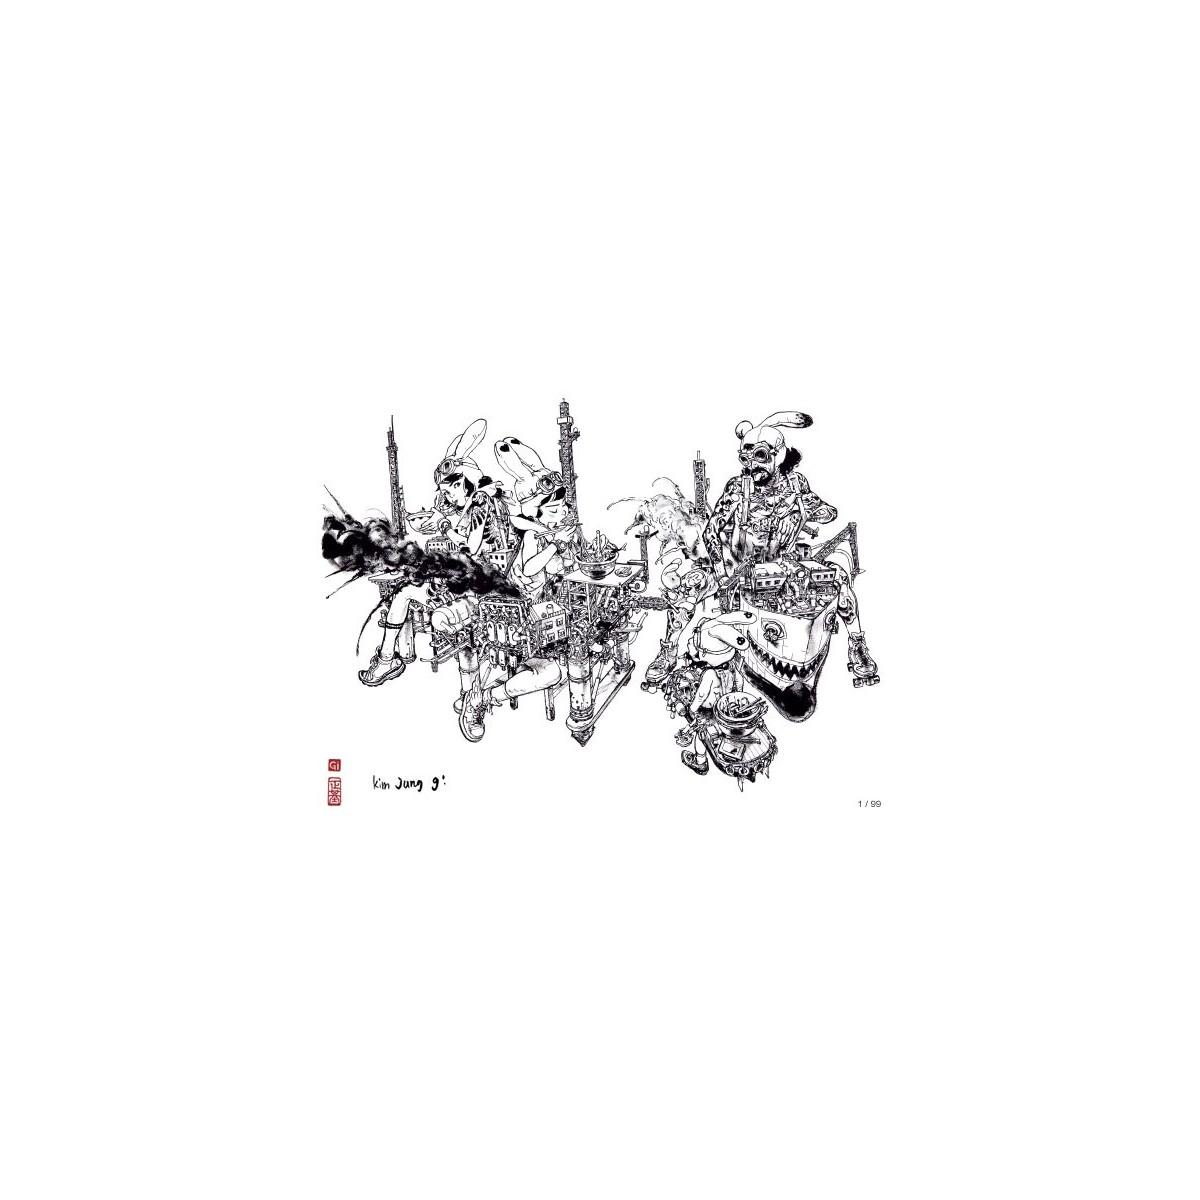 Kim Jung Gi - Ex-libris 'Lunch Time' - 30 x 40 cm - Signé & Numéroté (99 ex.)